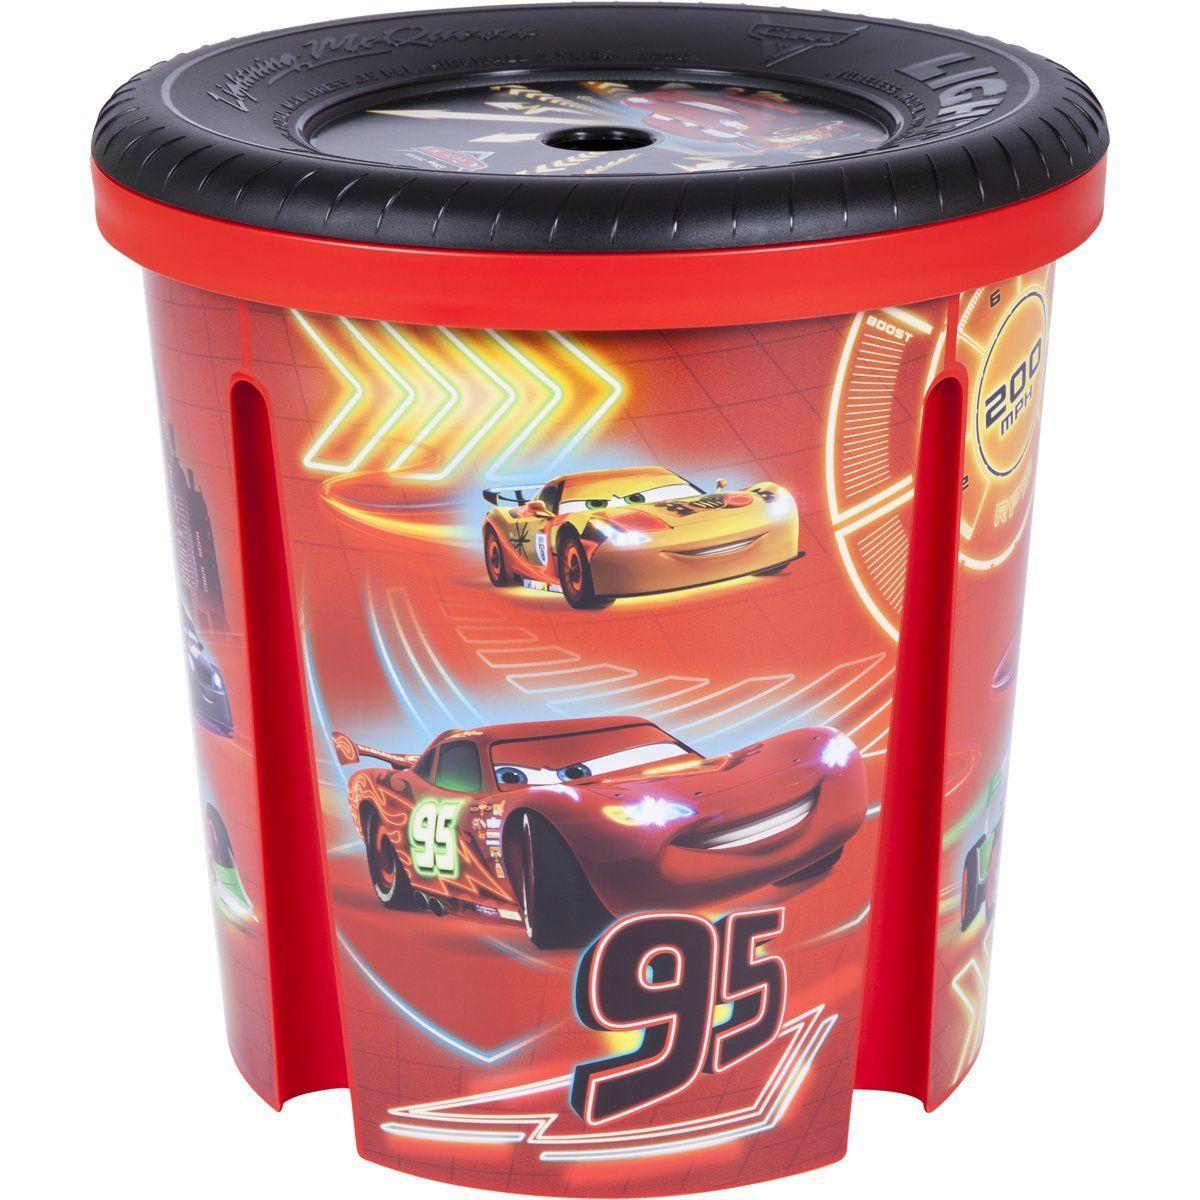 Stabile Spielzeugtonne im Disney Cars Design Damit ist